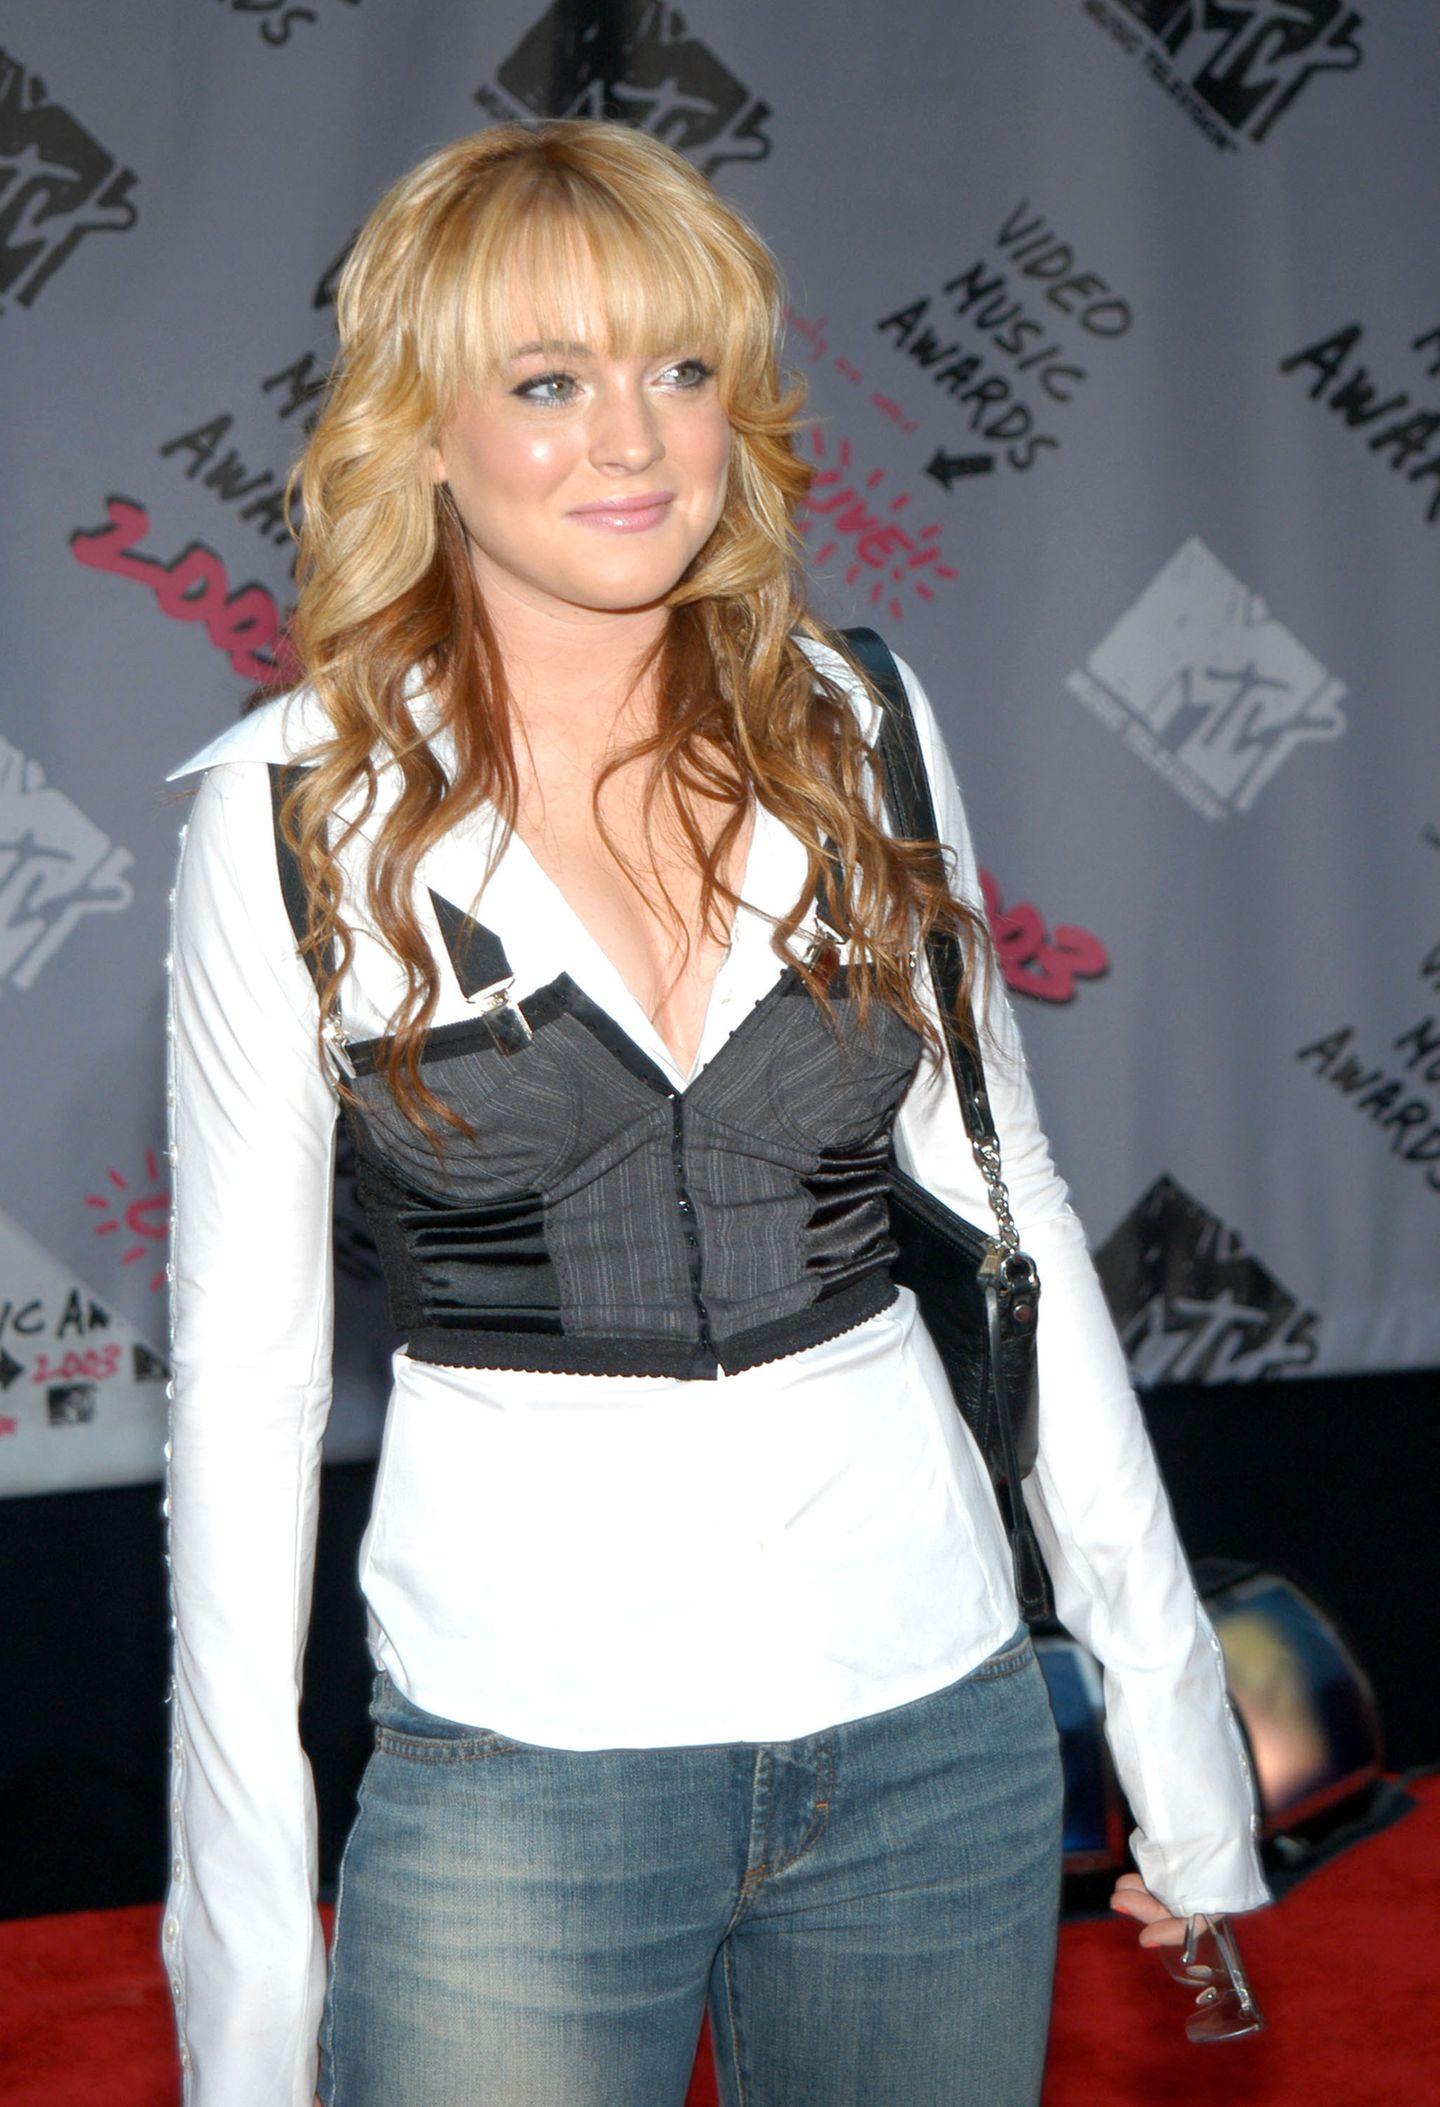 2000er Modetrends: Lindsay Lohan